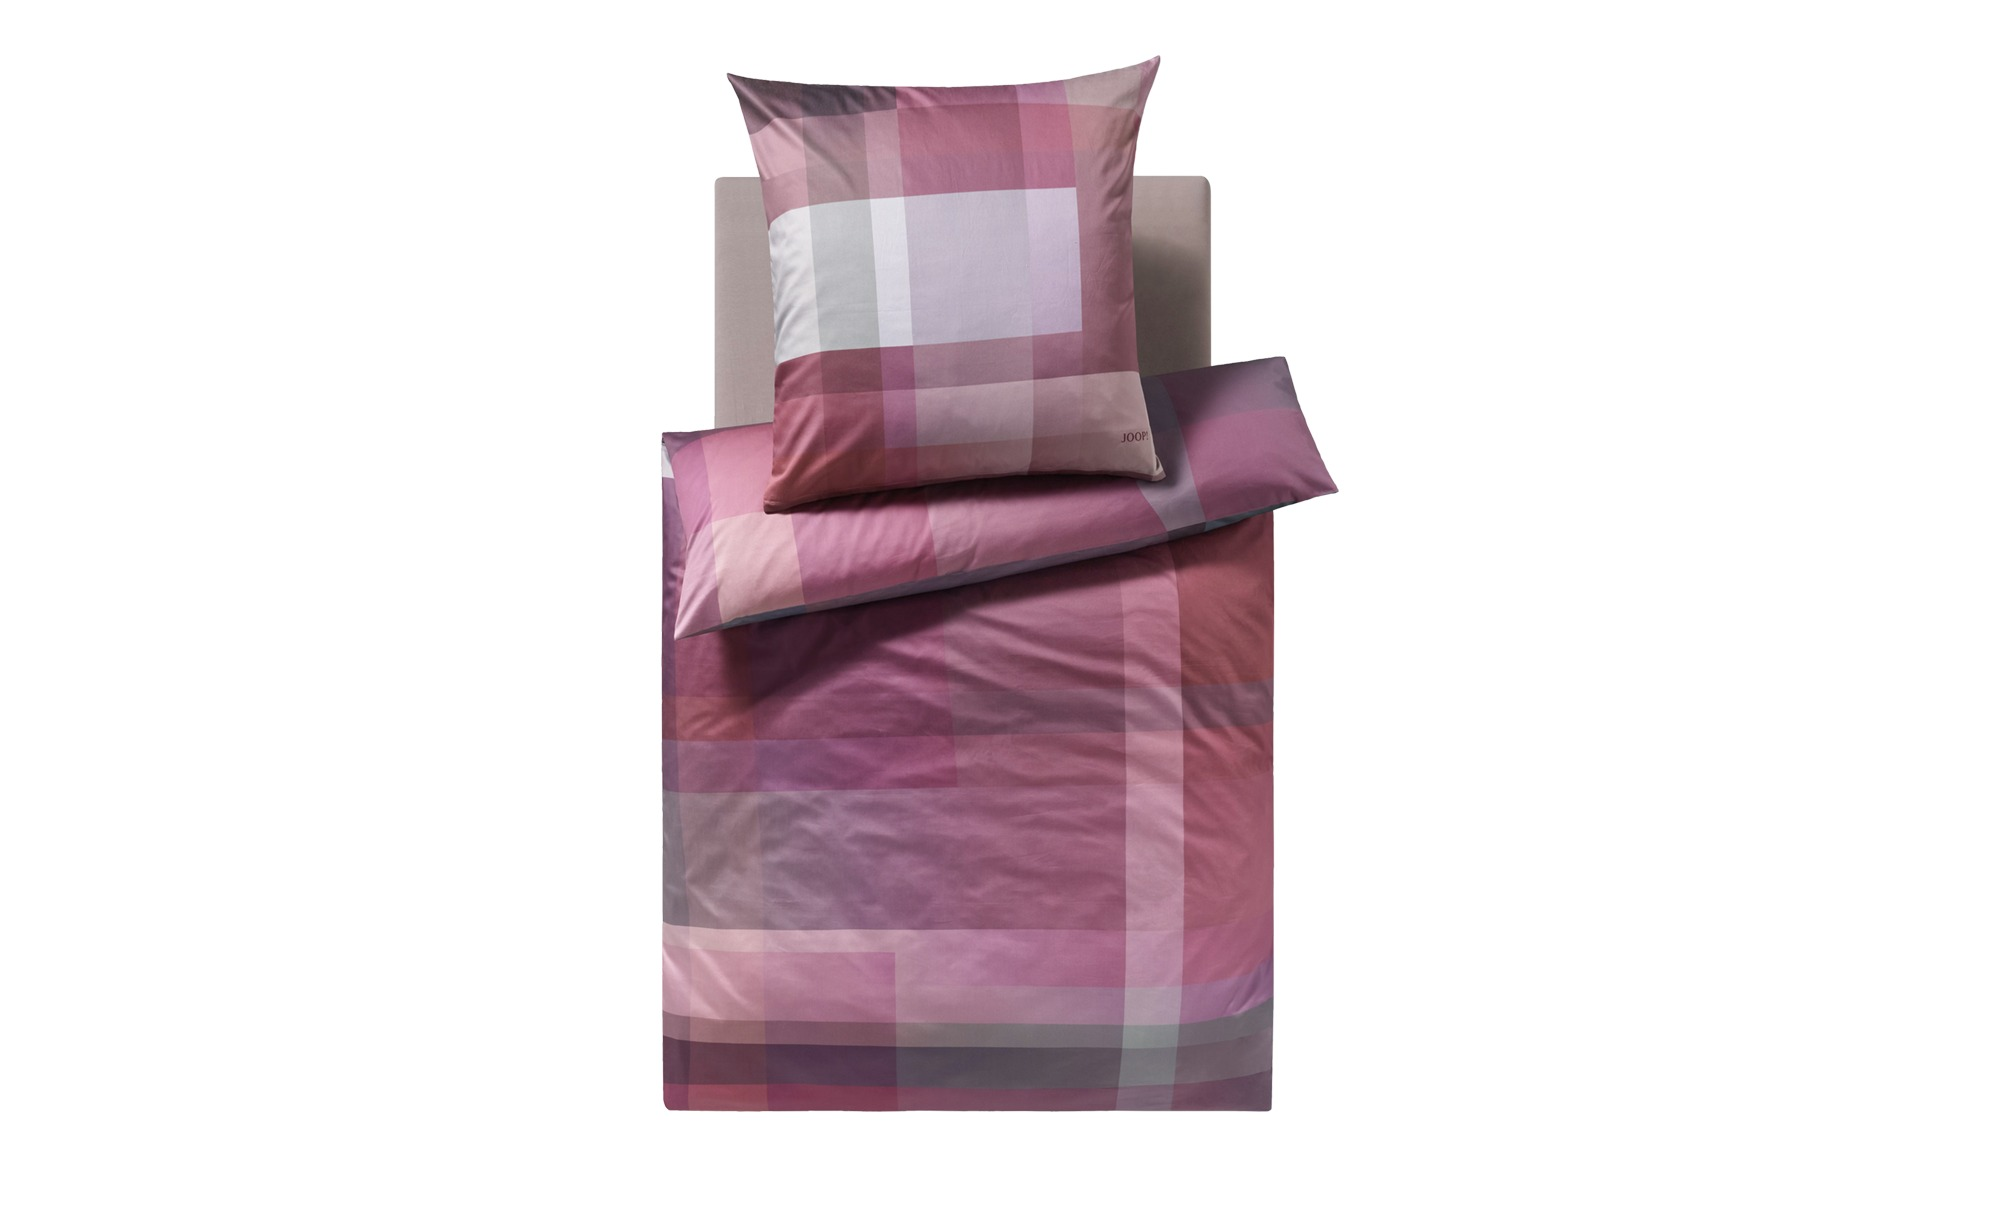 Joop Mako Satin Bettwäsche 4080 Joop Glow Pink Rosa 135x200